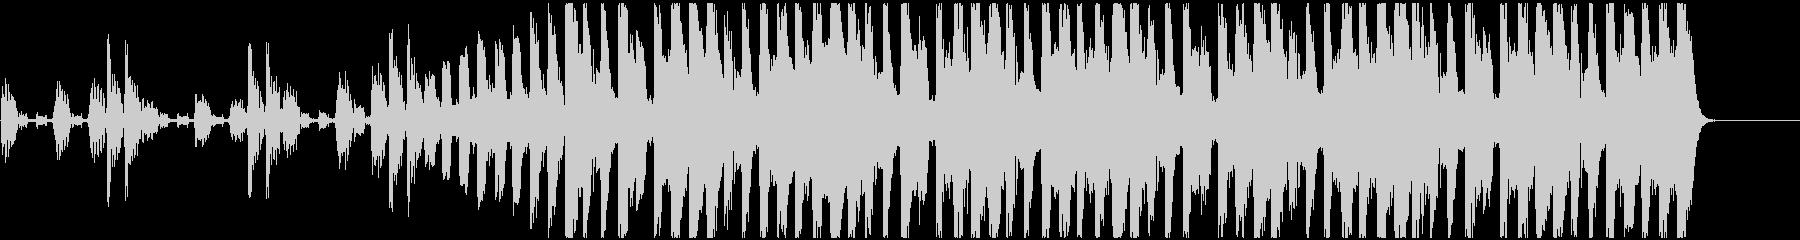 エレクトリックでモダンなポップスBGMの未再生の波形